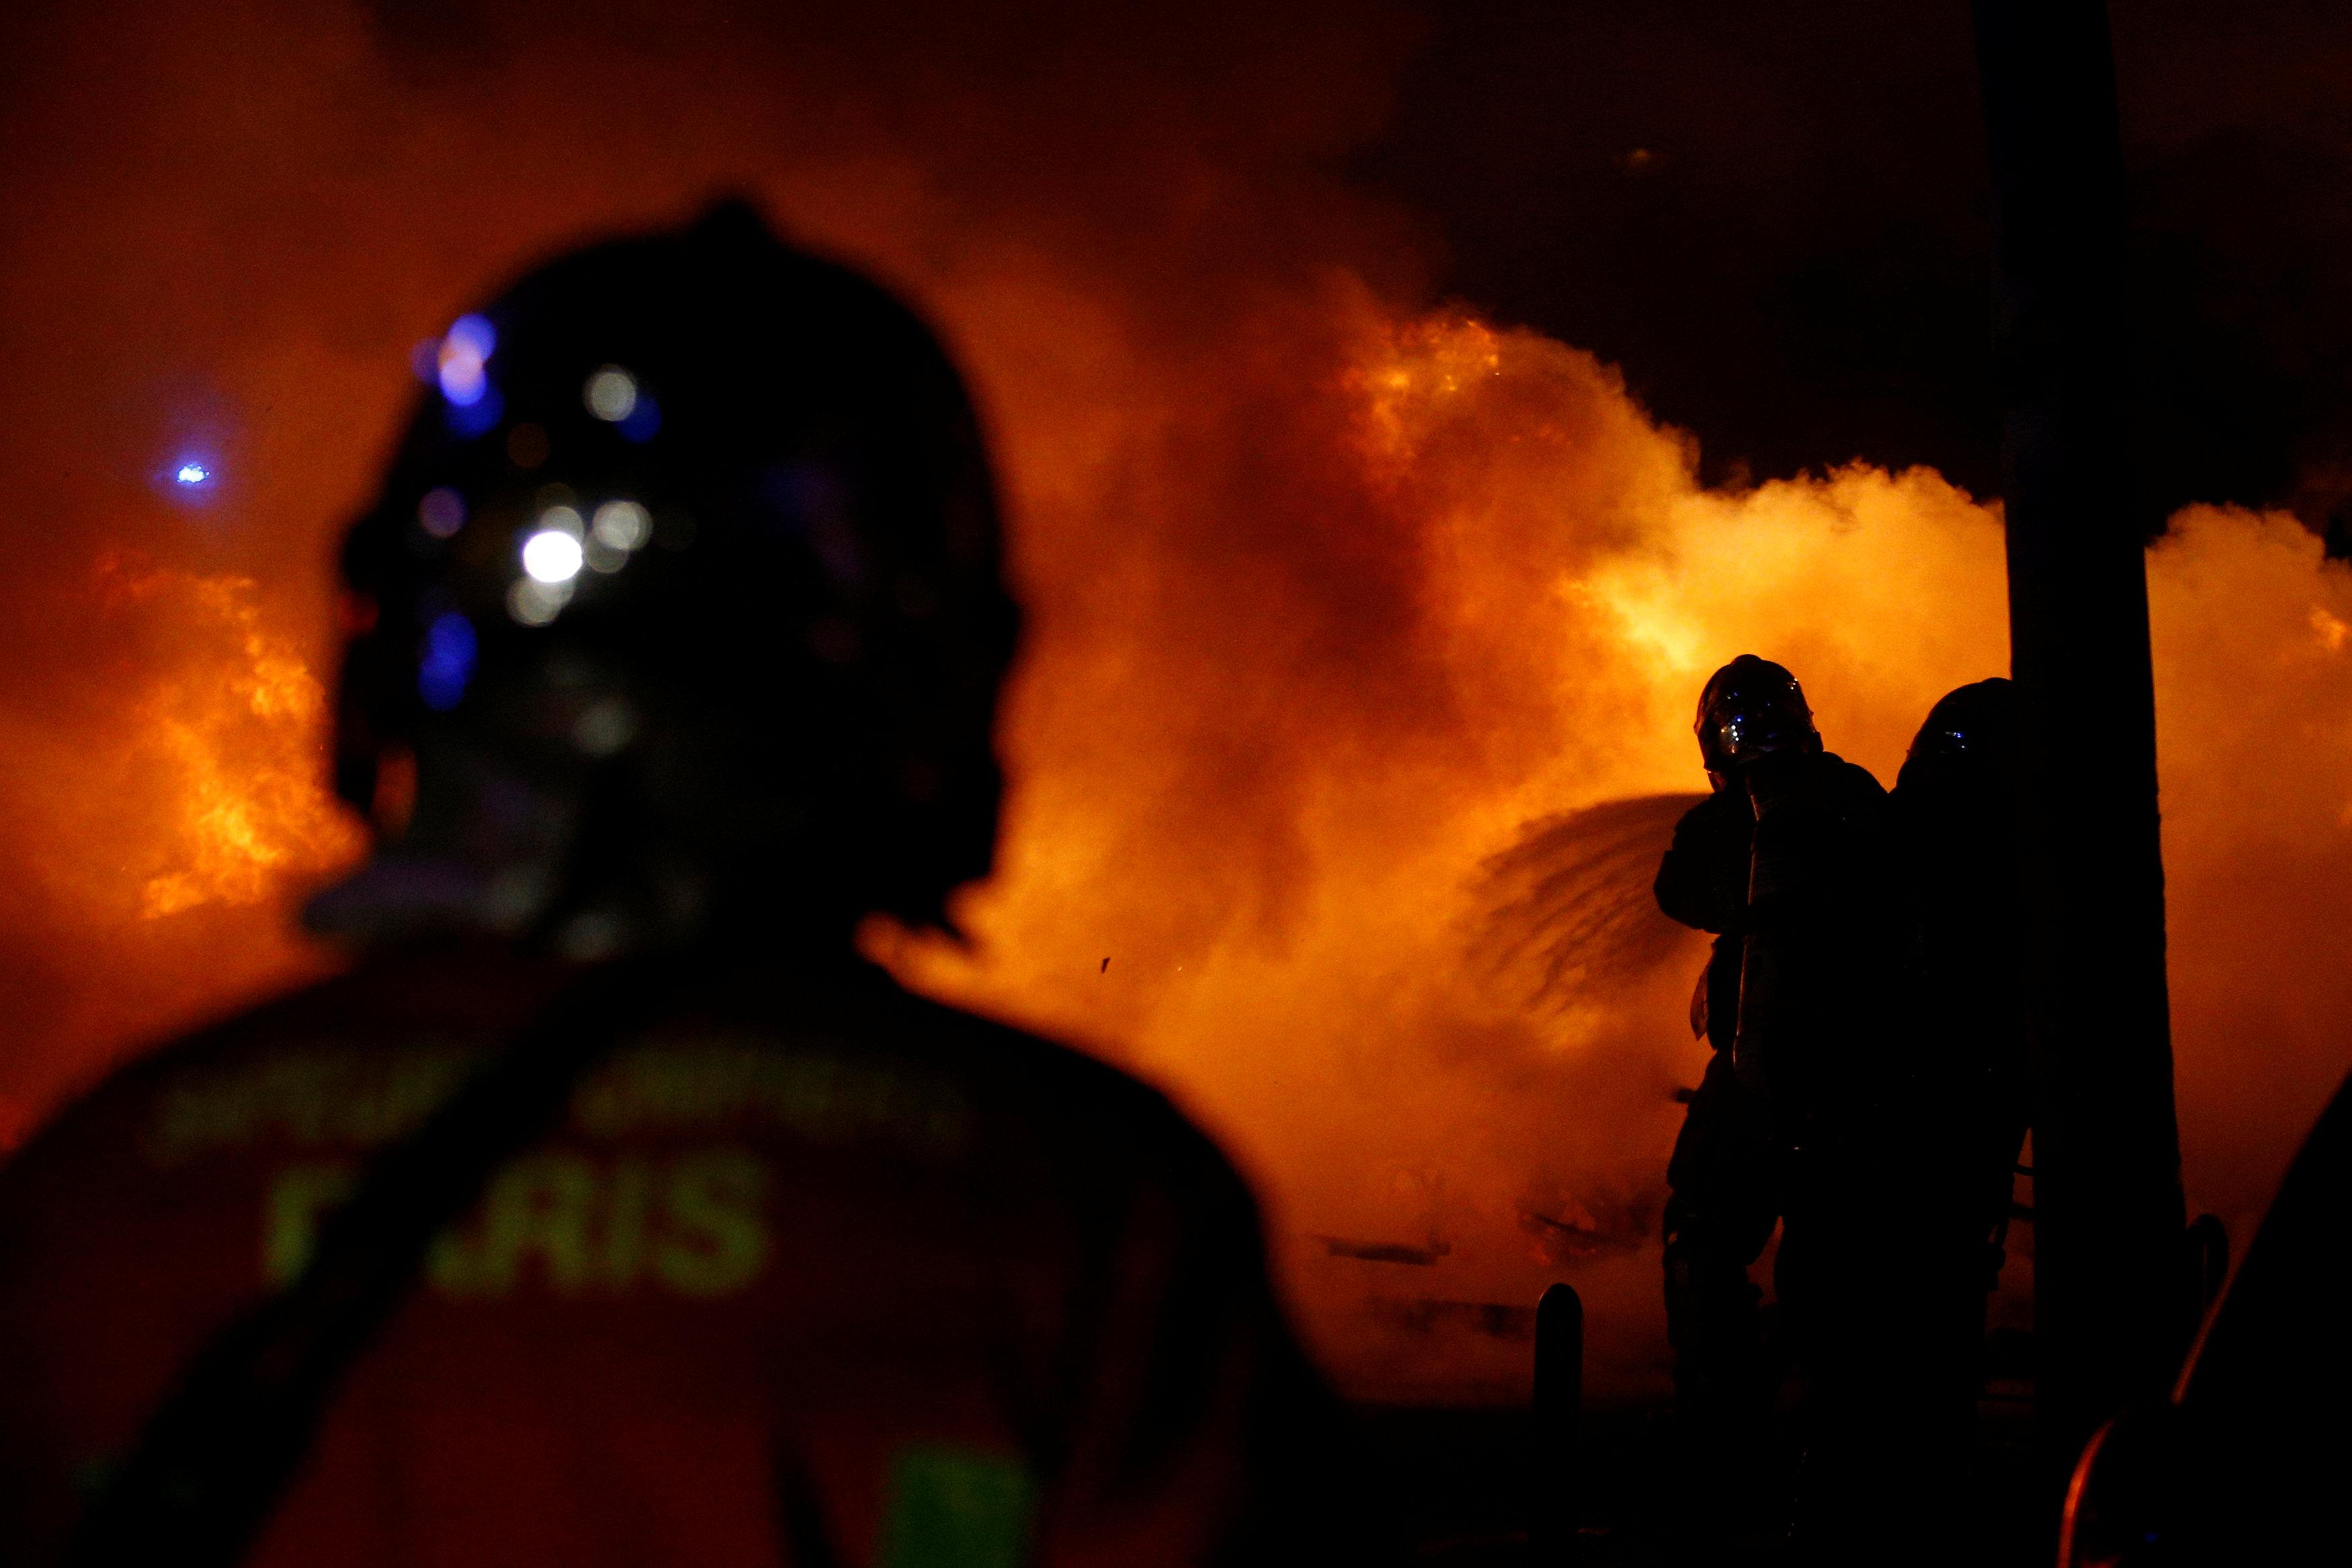 رجال الإطفاء يحاولون السيطرة على حريق